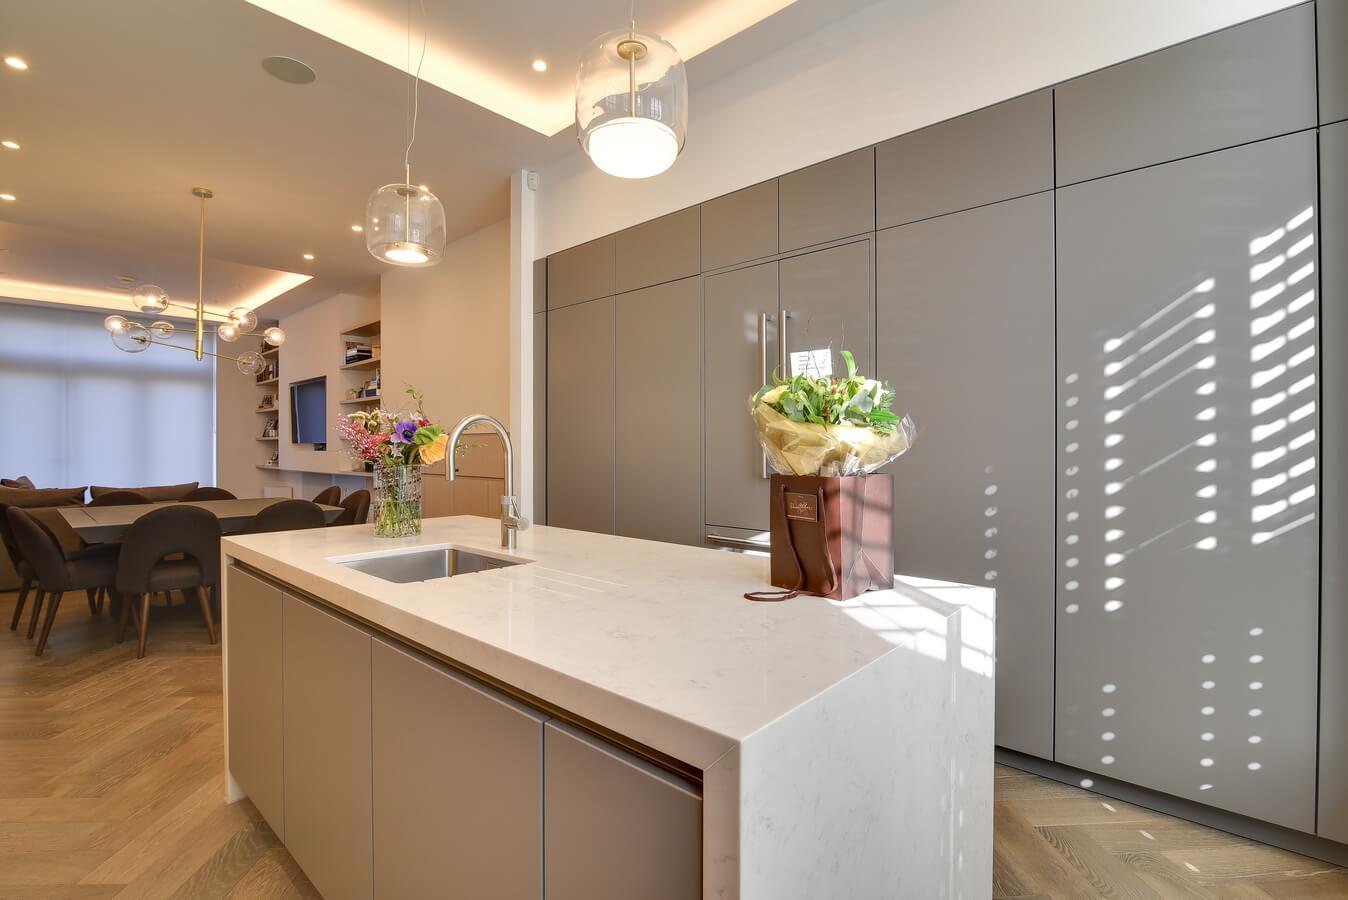 Kitchen-Island-London-German-Design.jpg